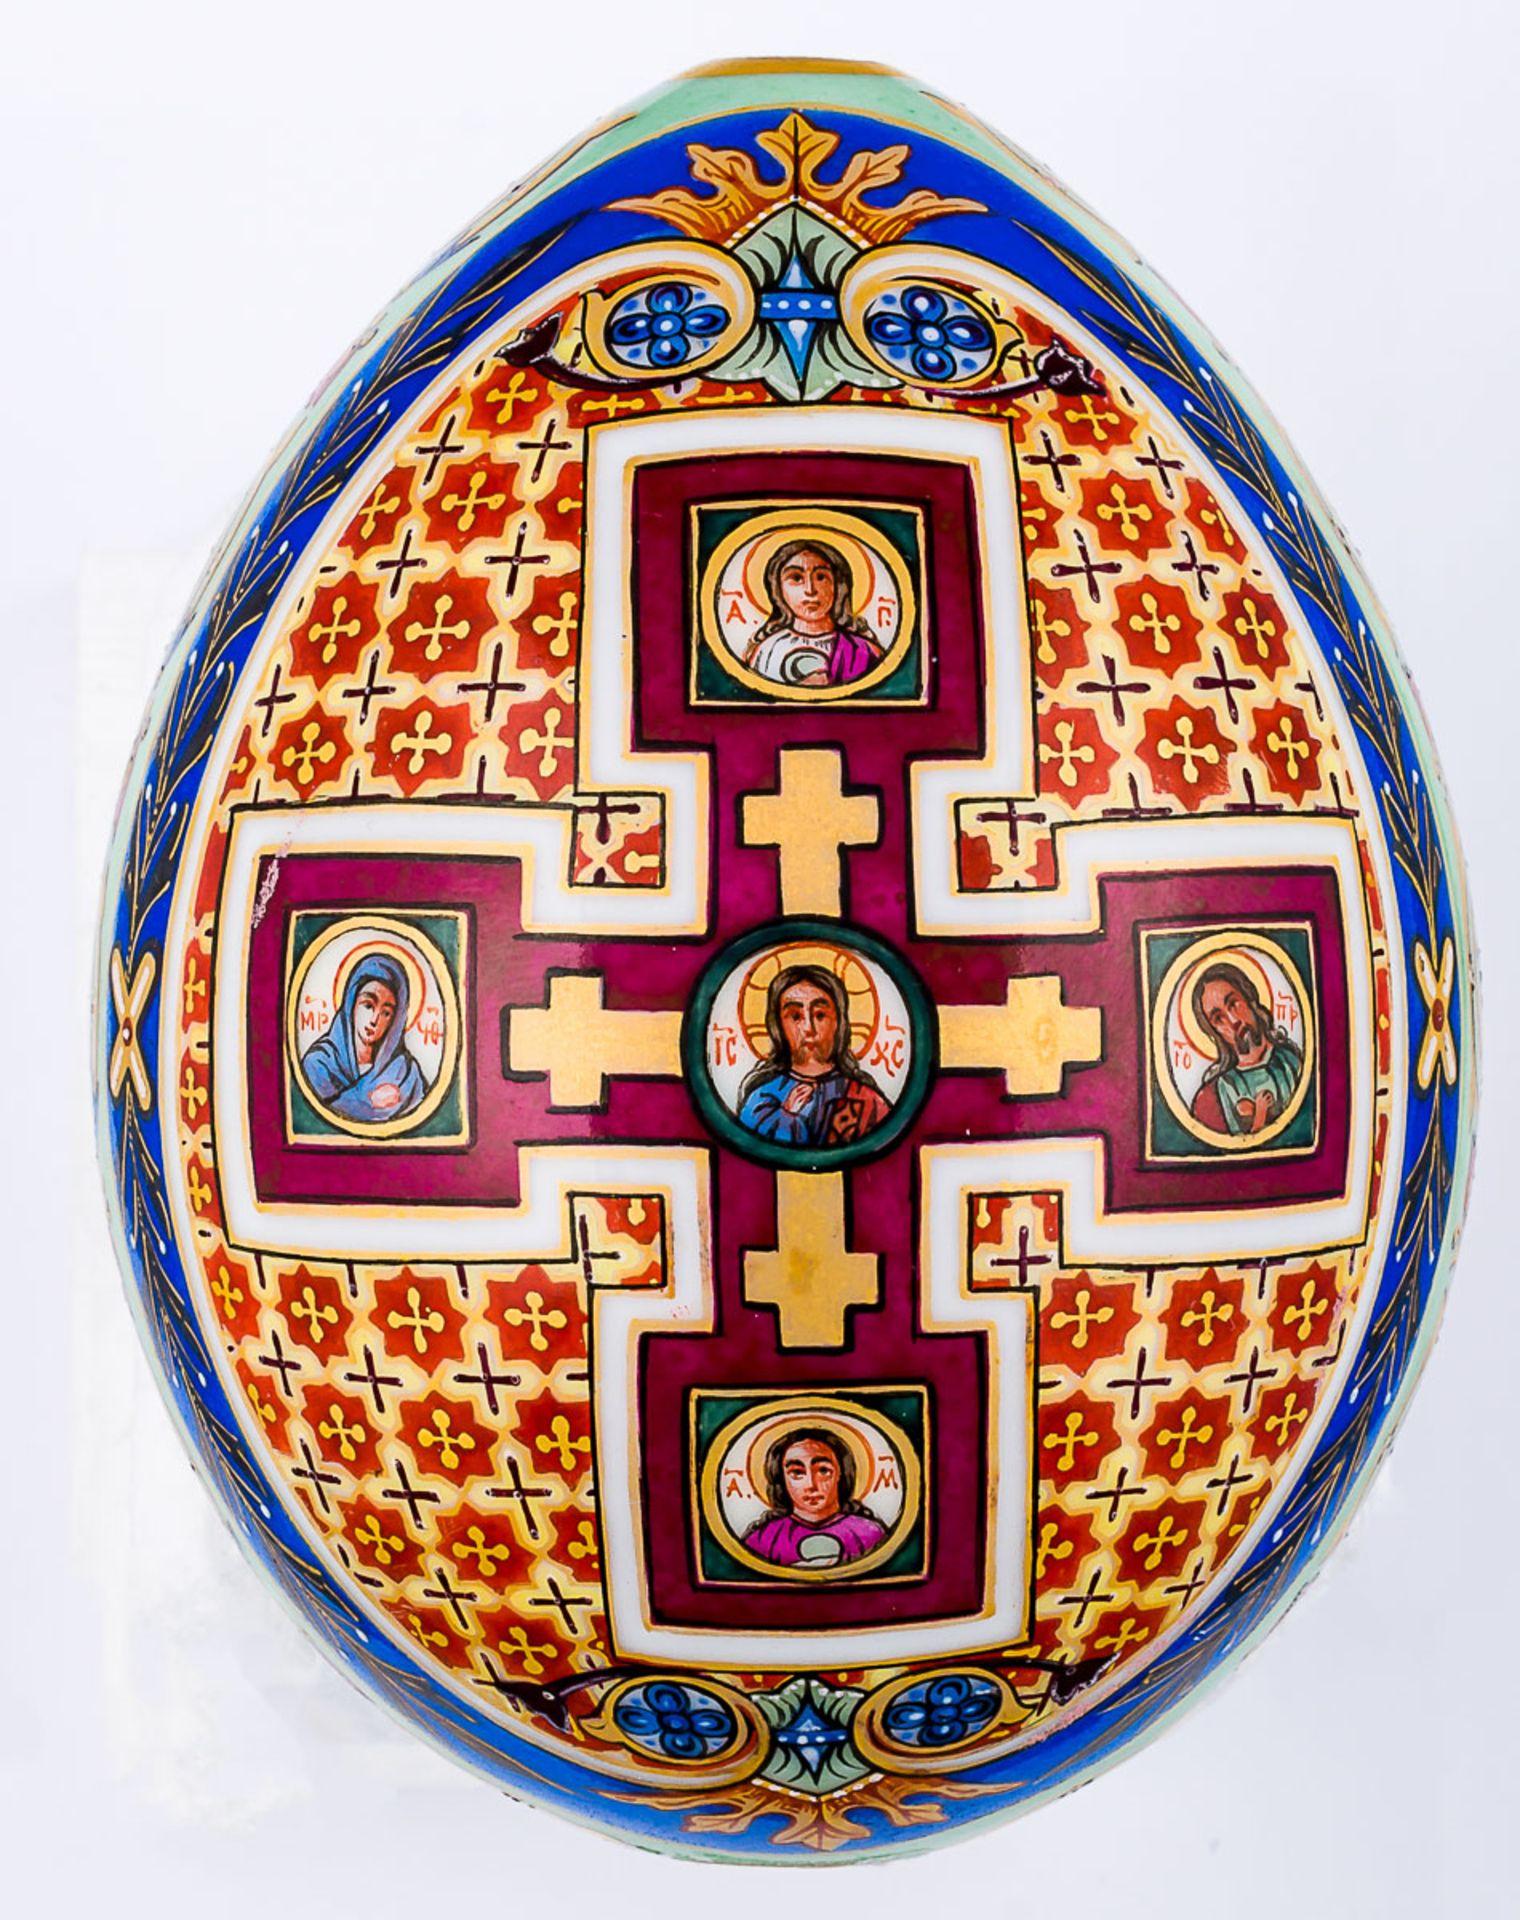 GROSSES PORZELLAN-OSTEREI MIT DER HL. FÜRSTIN OLGA - Image 2 of 2